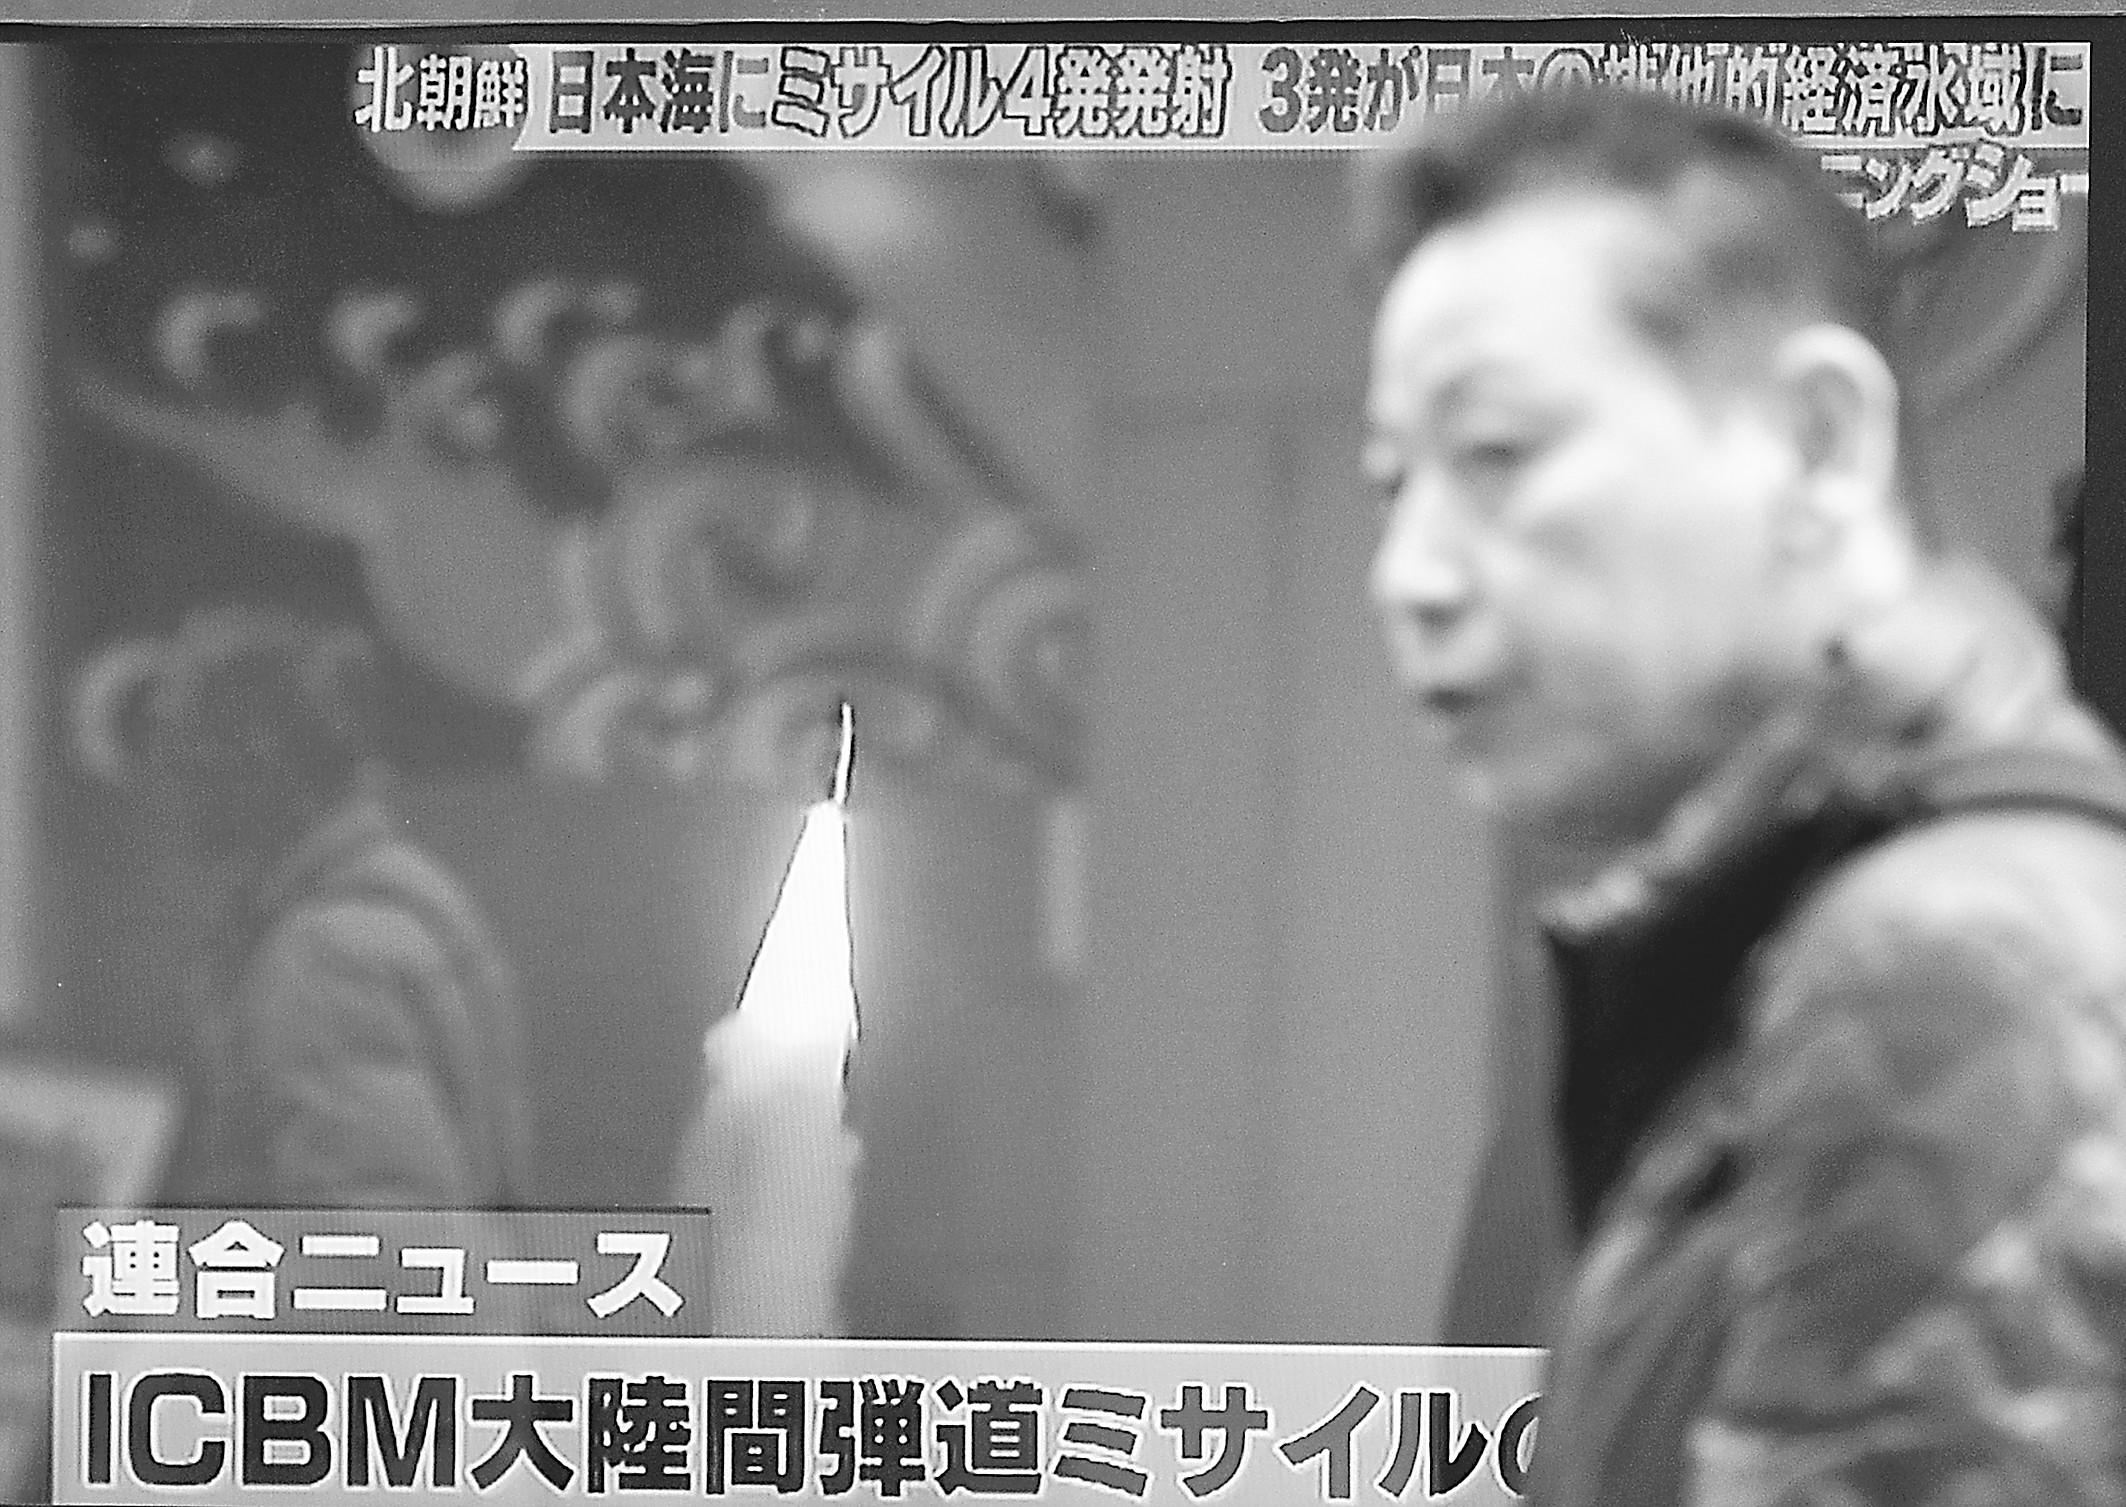 日为何向朝鲜半岛火上浇油?媒体狂热官方过敏